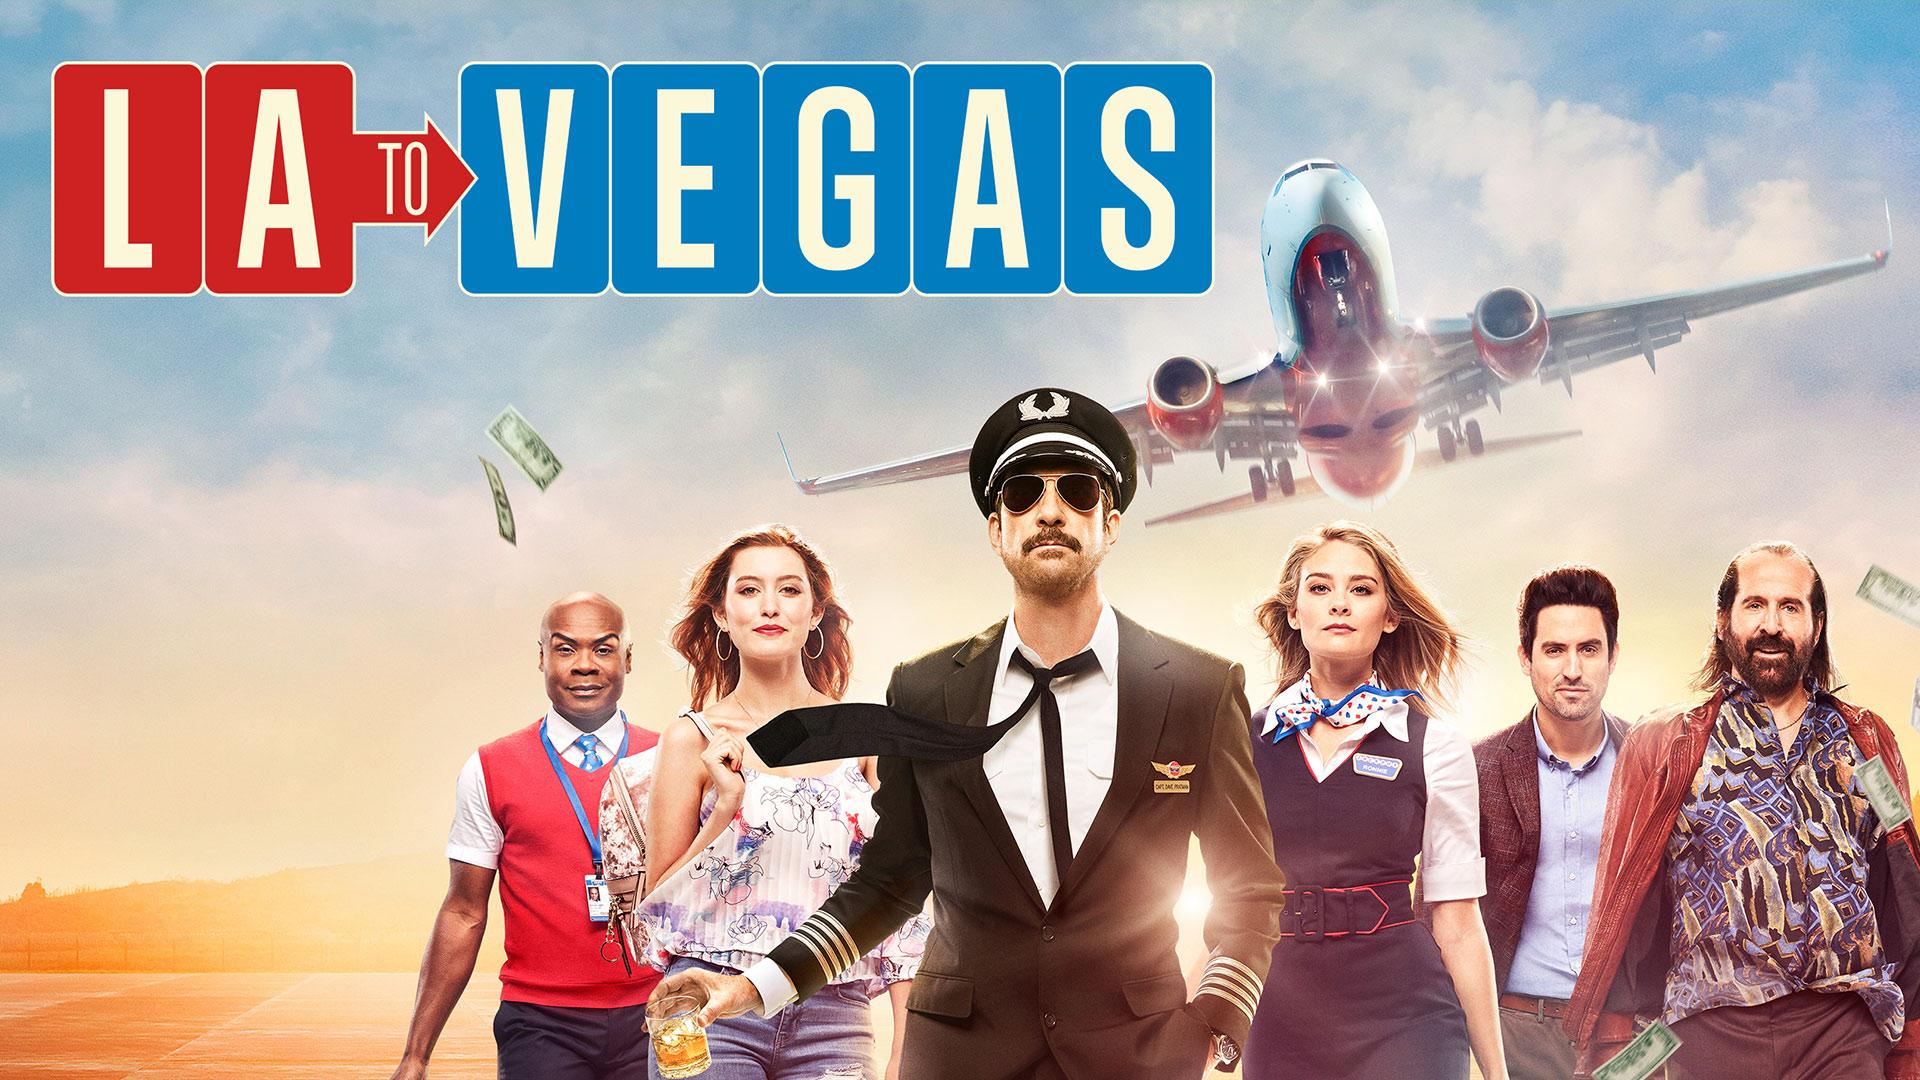 LA to Vegas Season 1